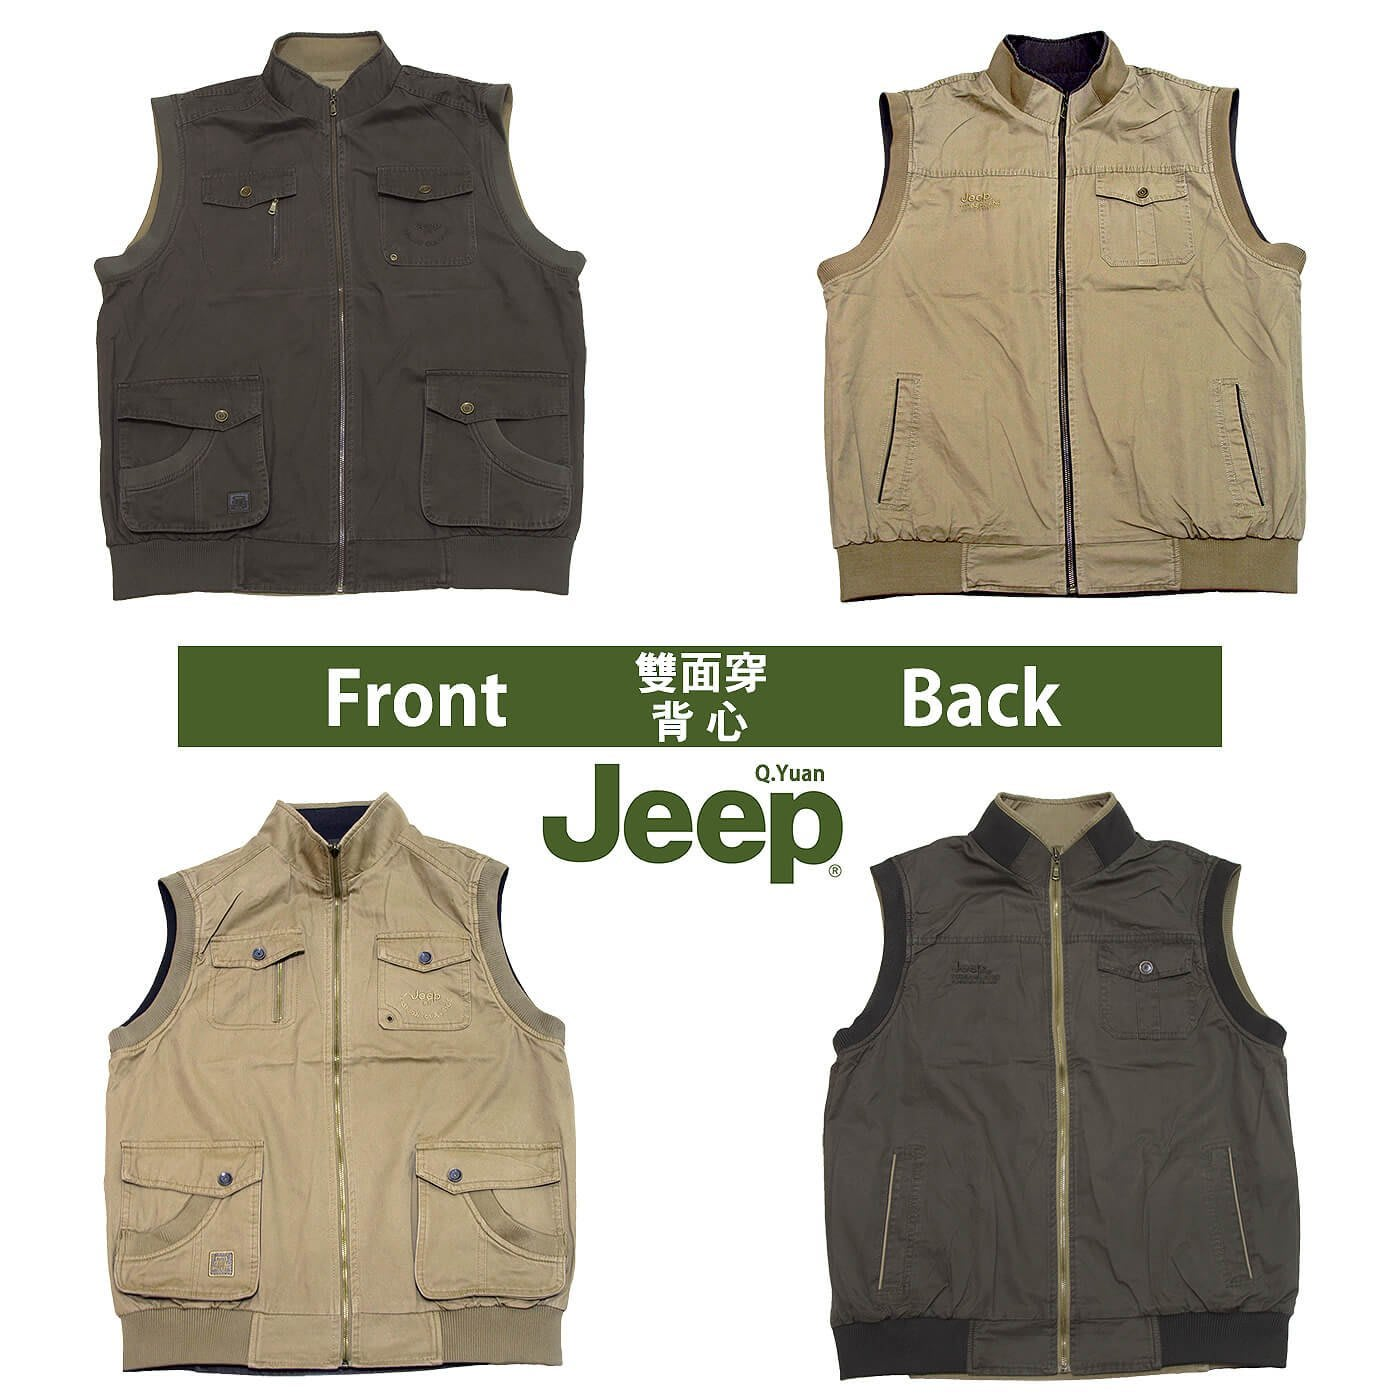 雙面雙色Jeep背心 保暖背心 釣魚 攝影背心 雙面可穿休閒馬甲(321-9988-10)墨綠(16)卡其 胸圍L~3L